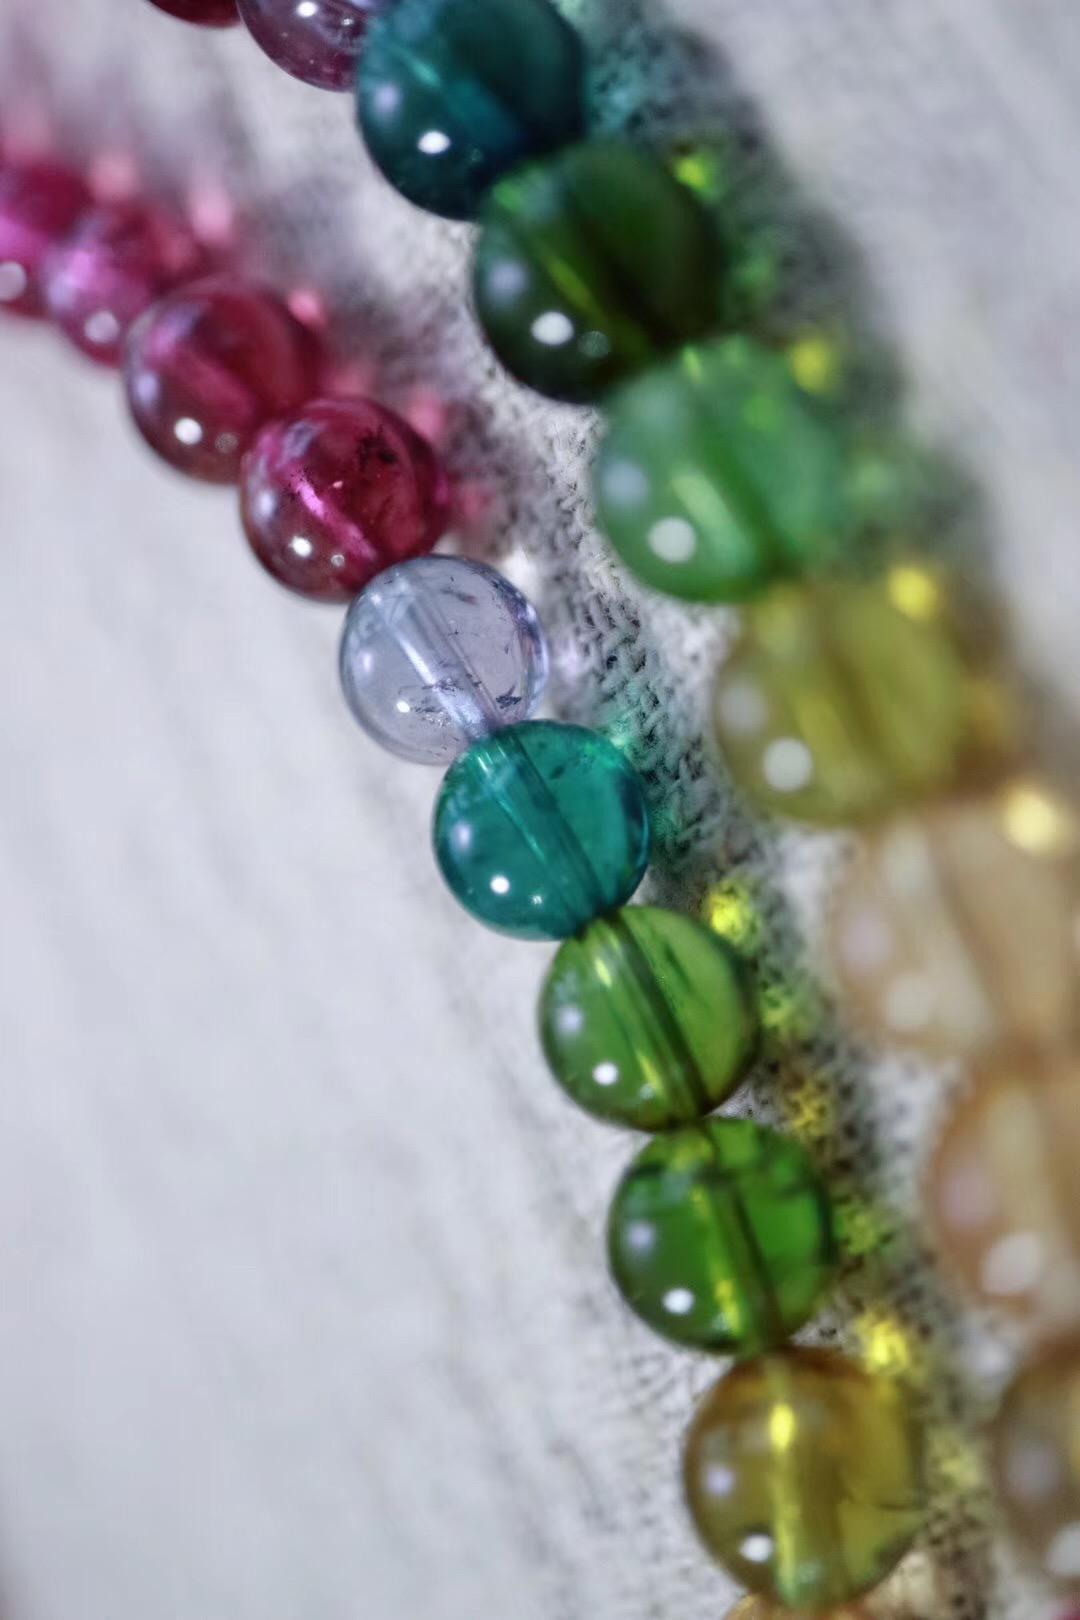 【菩心精美彩虹碧玺】愿美 ! 不止是皮囊,更是内心的丰盈、多彩和喜悦~-菩心晶舍